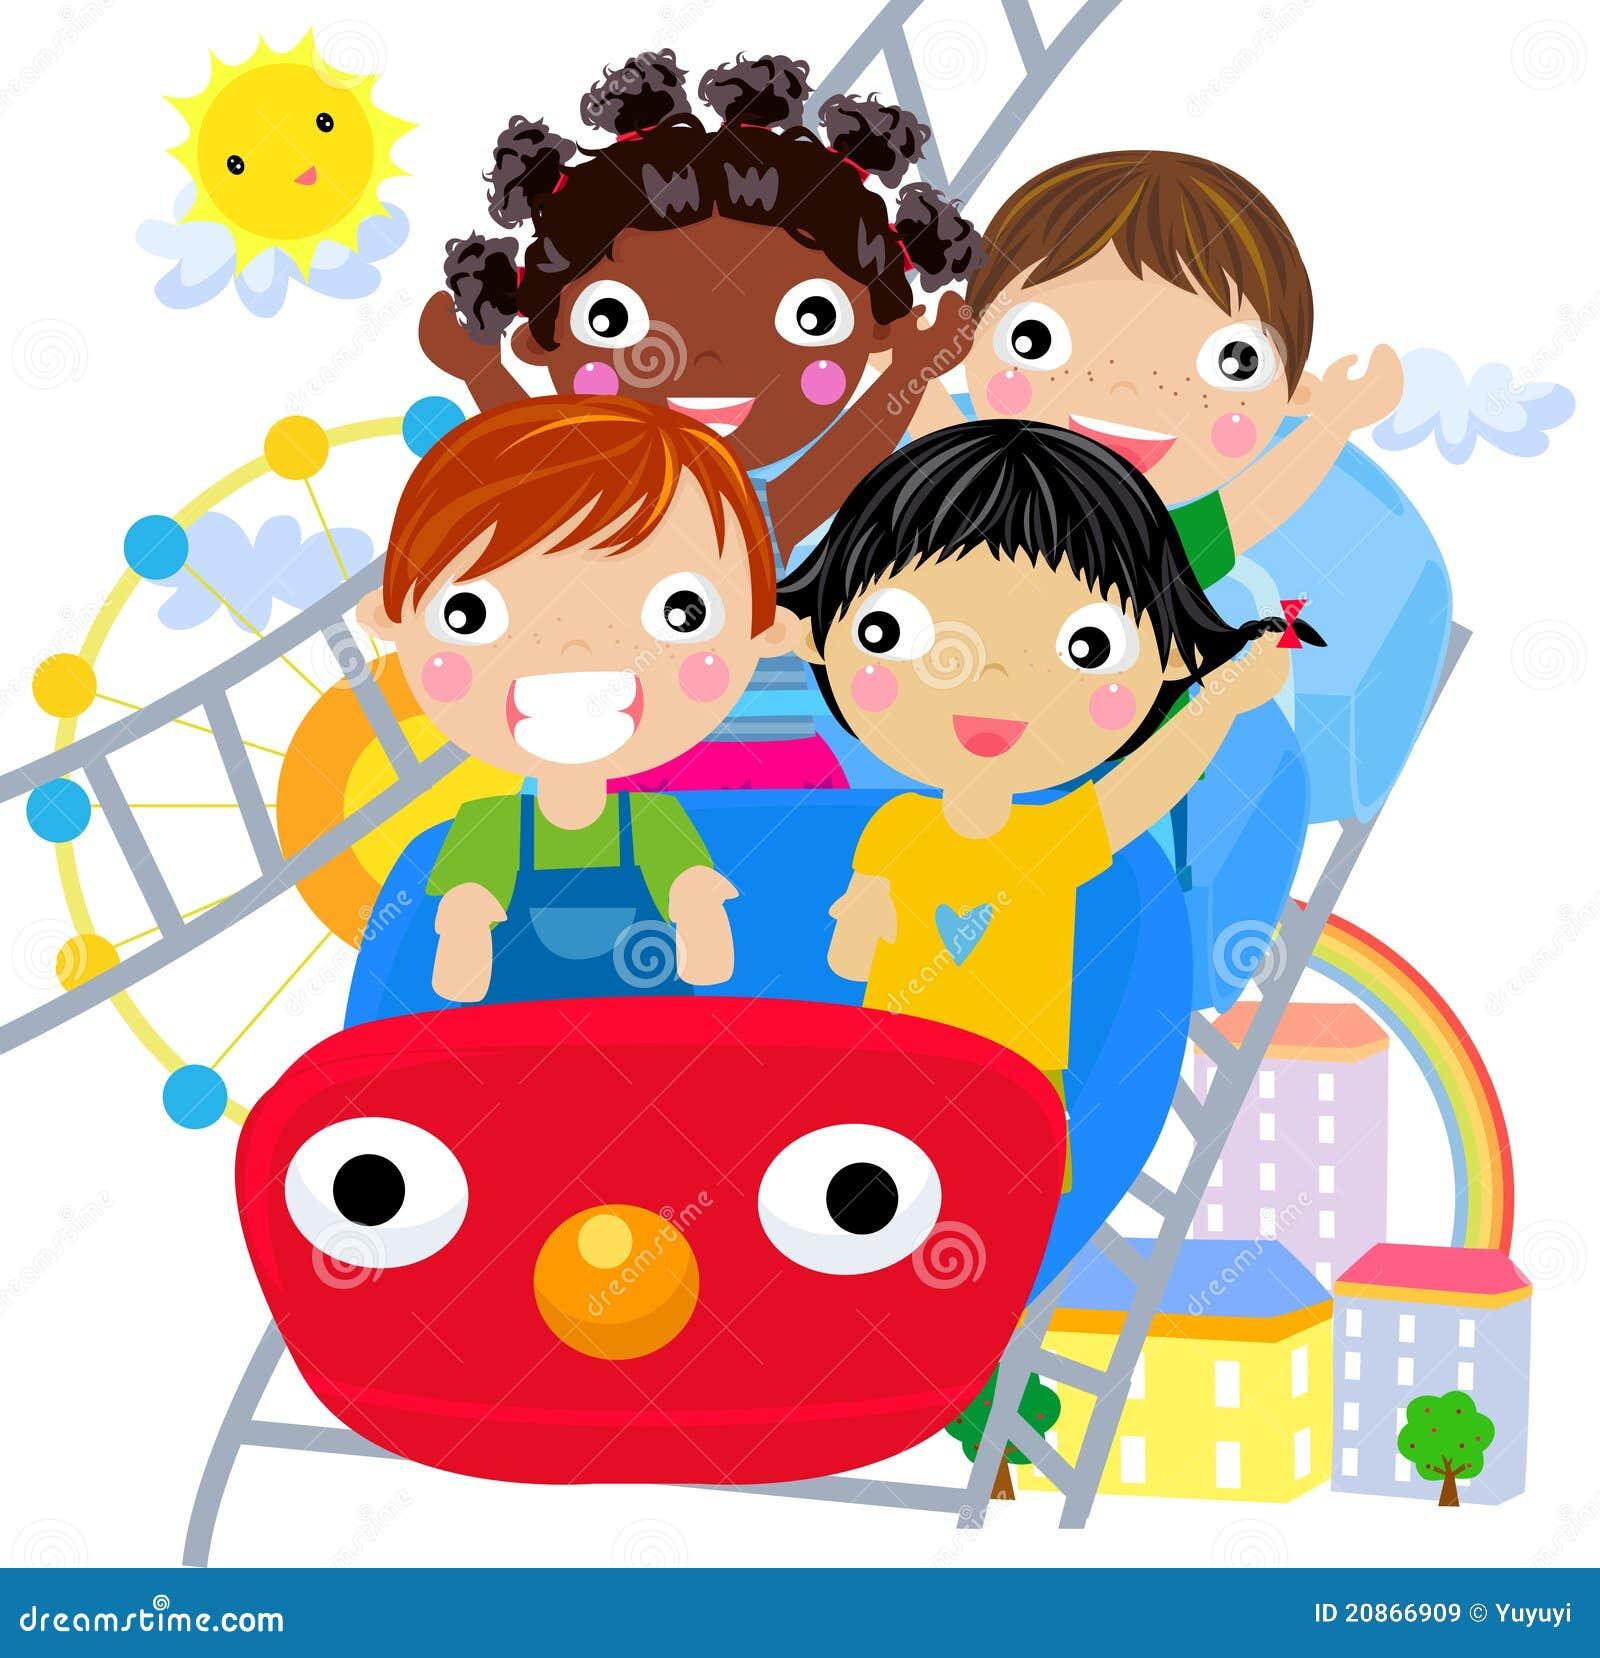 和孩子游戏图片 应如何和幼儿游戏清晰图